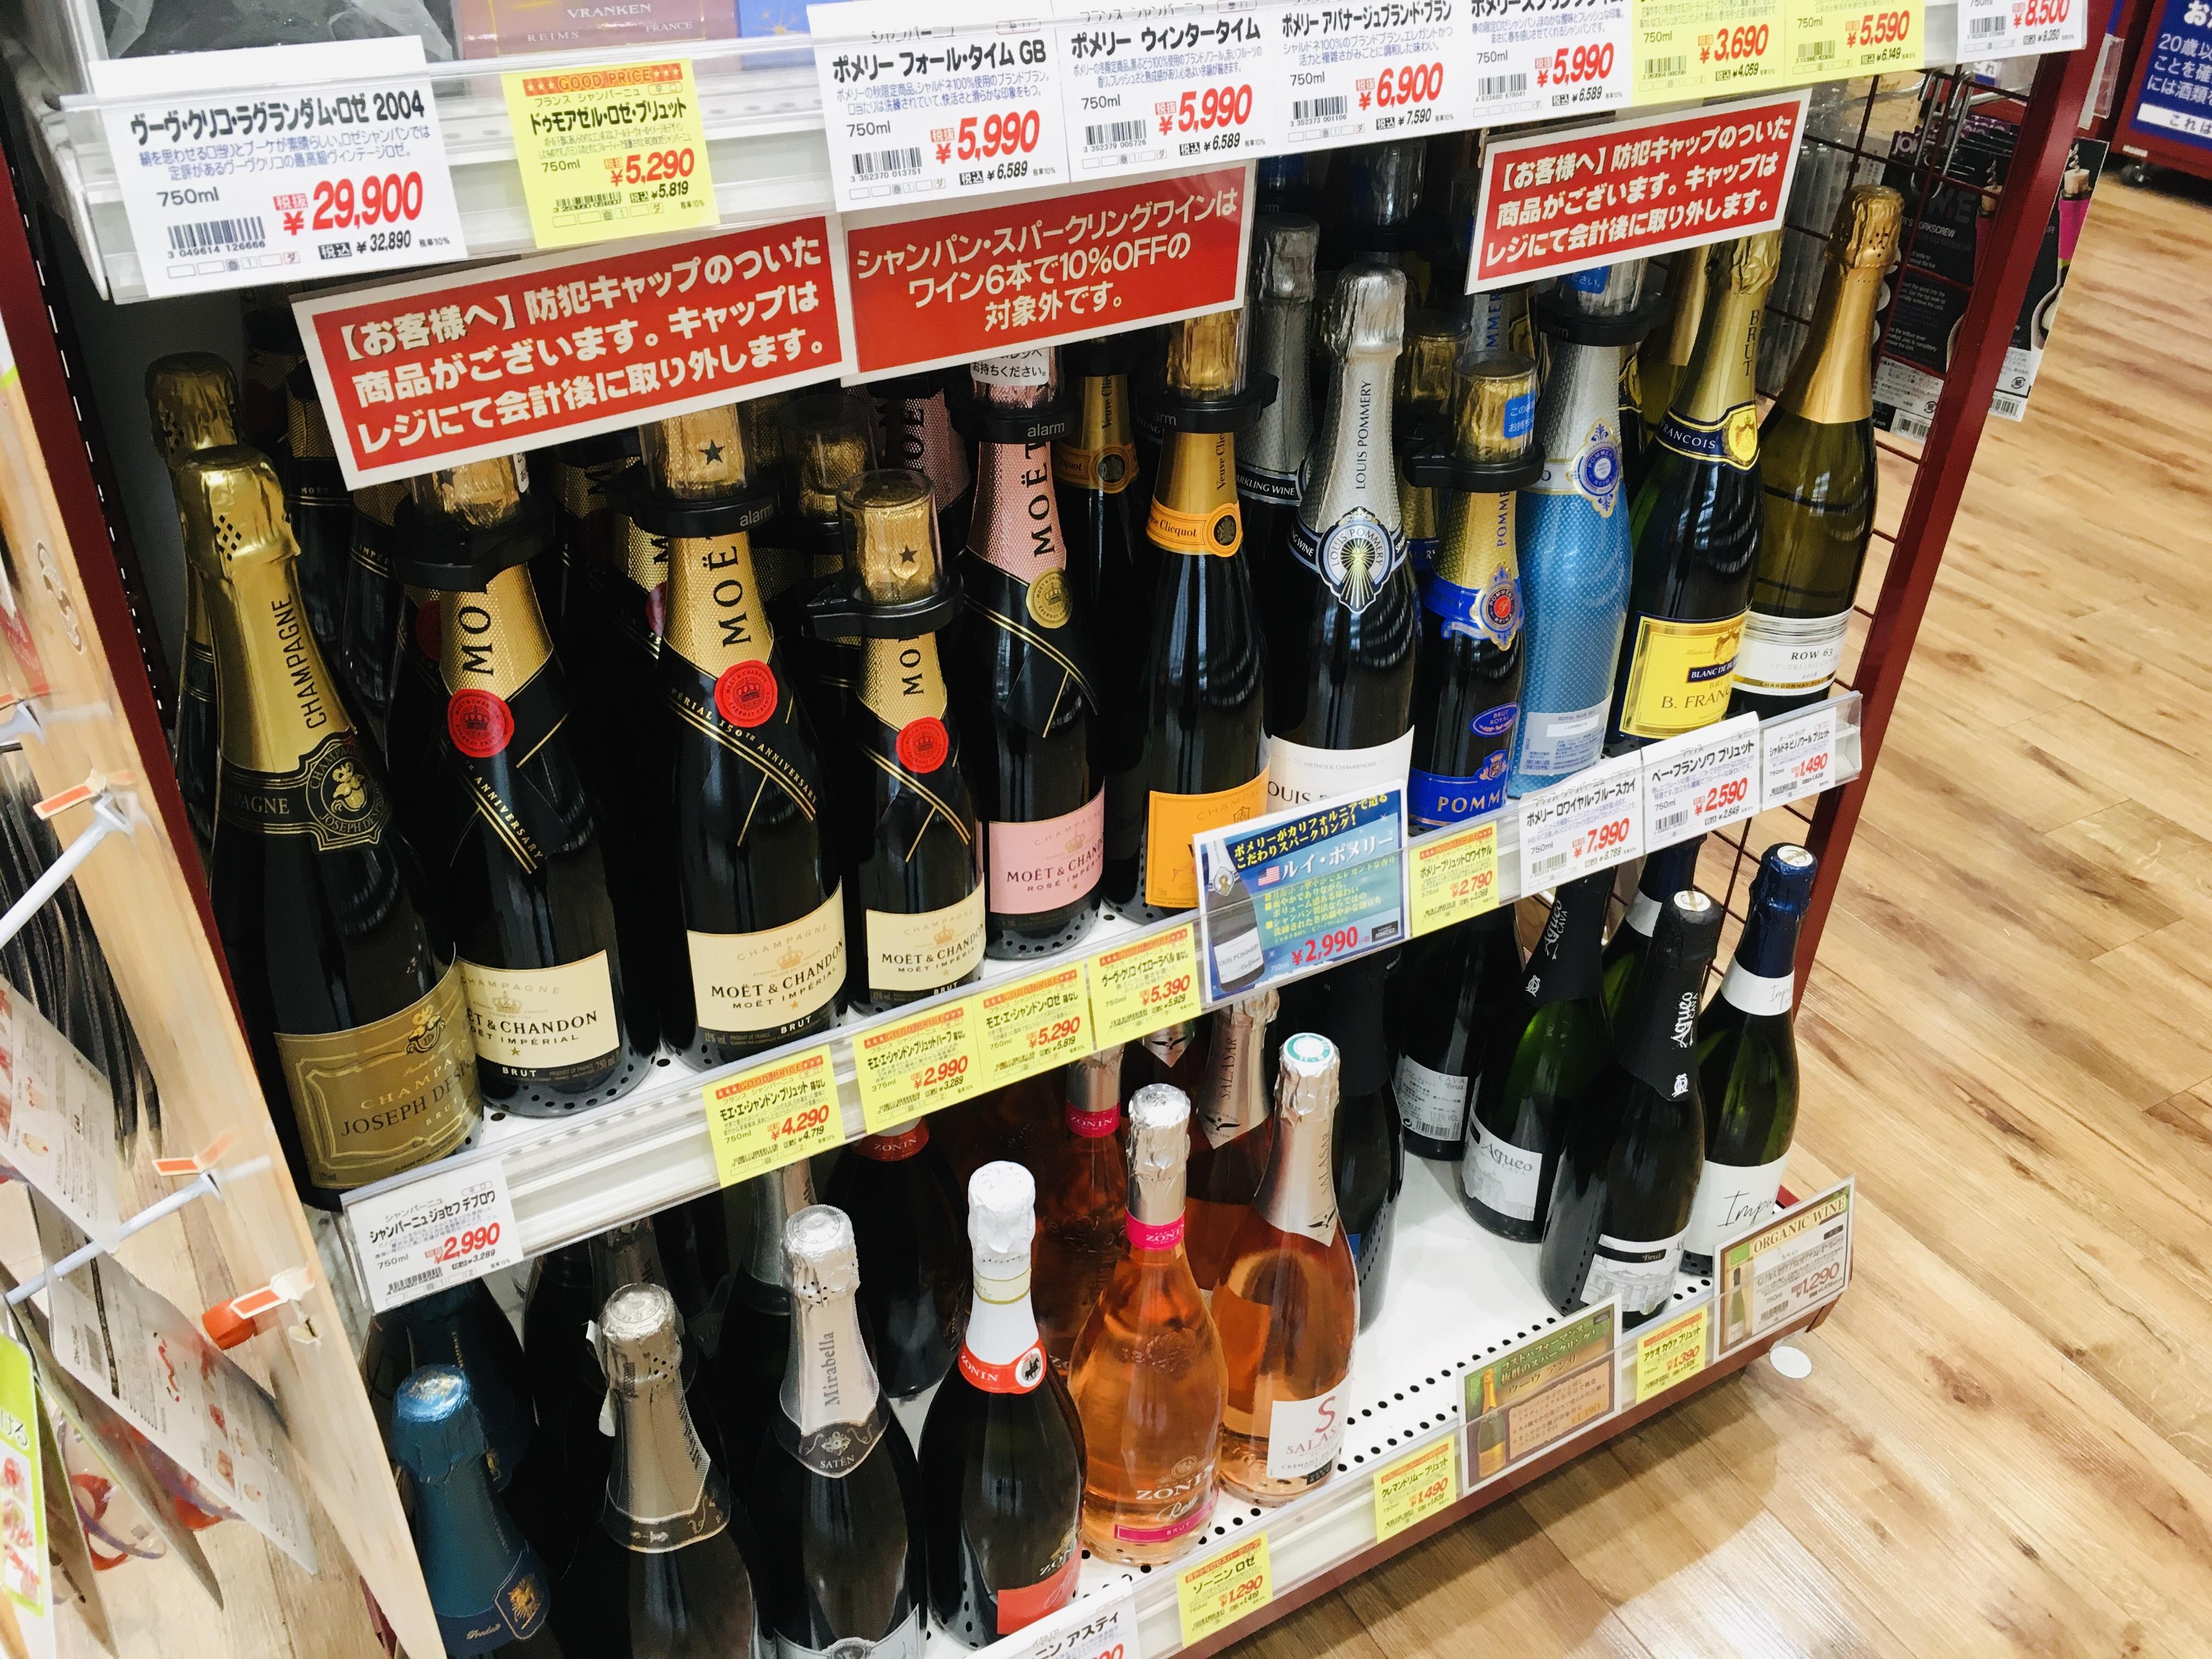 成城石井,自由が丘店,高級,スーパー,ワイン,手巻納豆